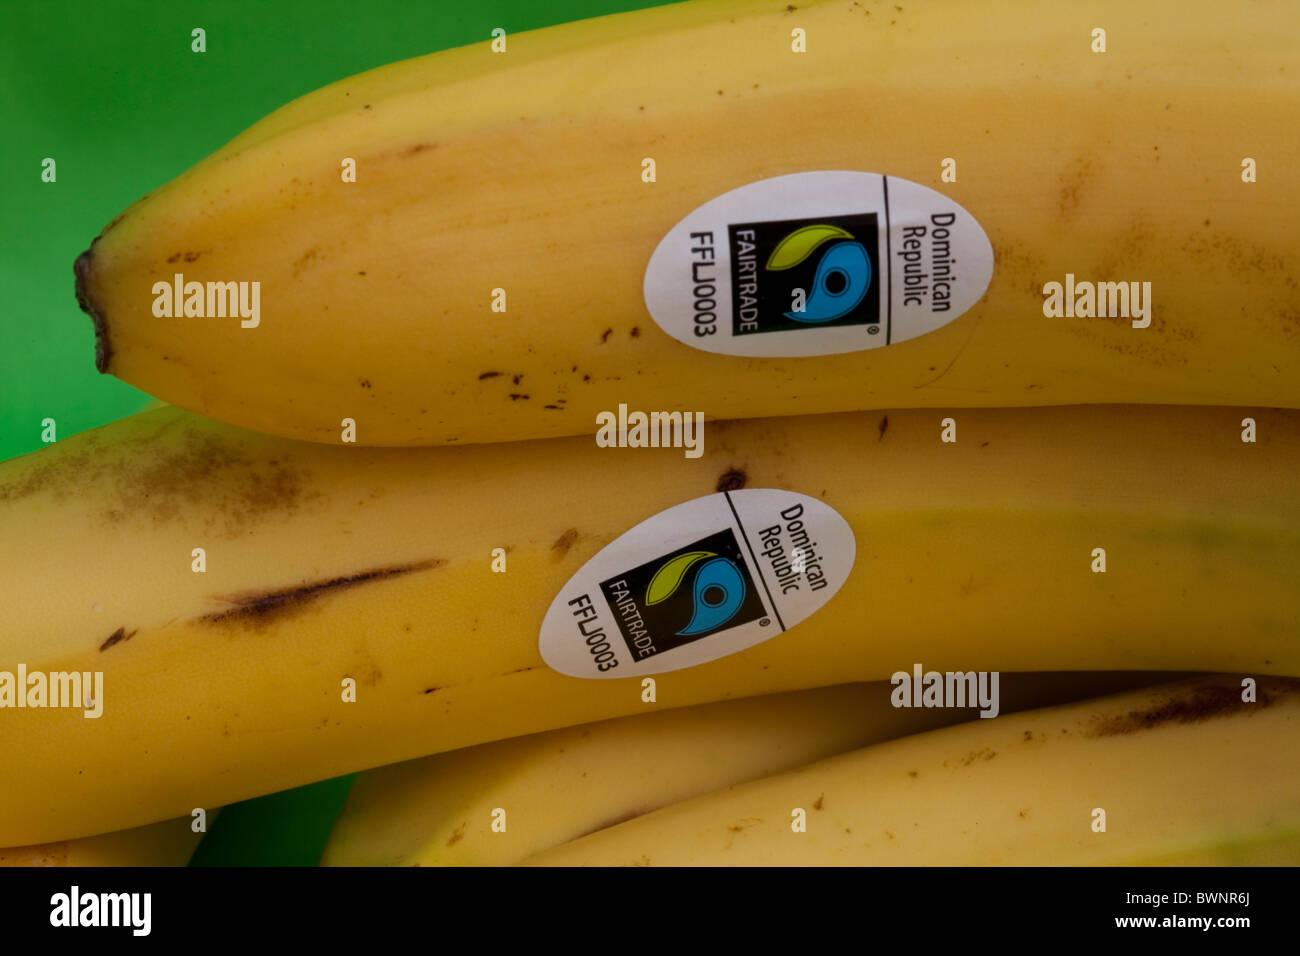 Fair trade sticker on Dominican Republic bananas - Stock Image